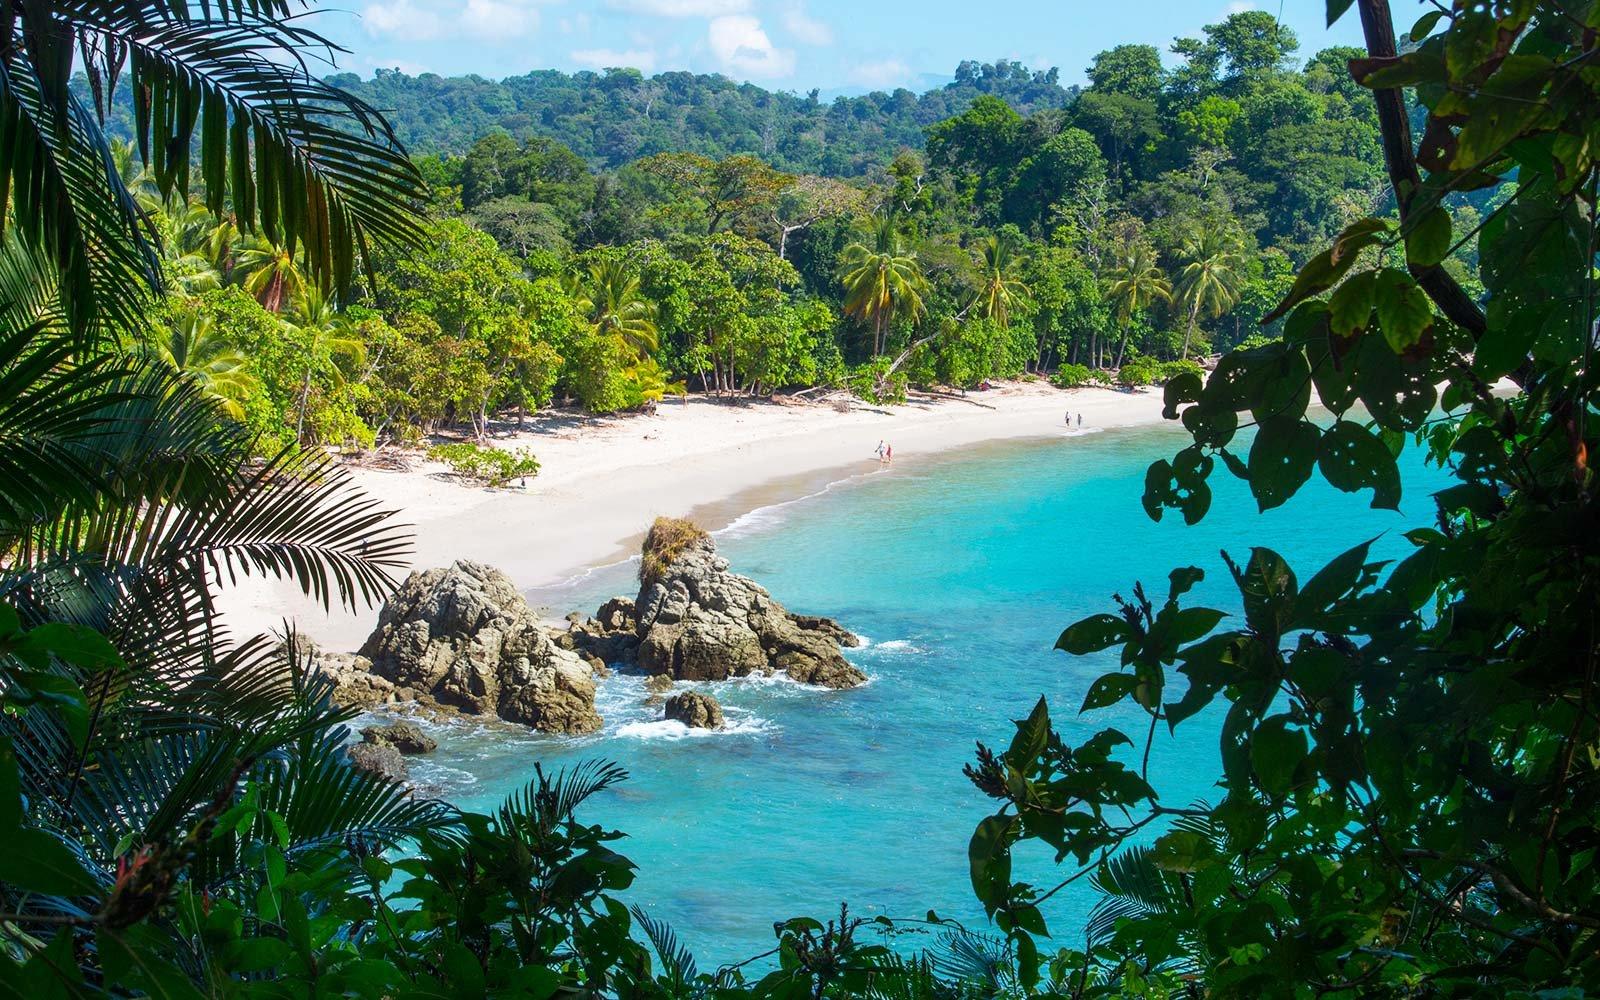 Séjour au Costa Rica : plage paradisiaque